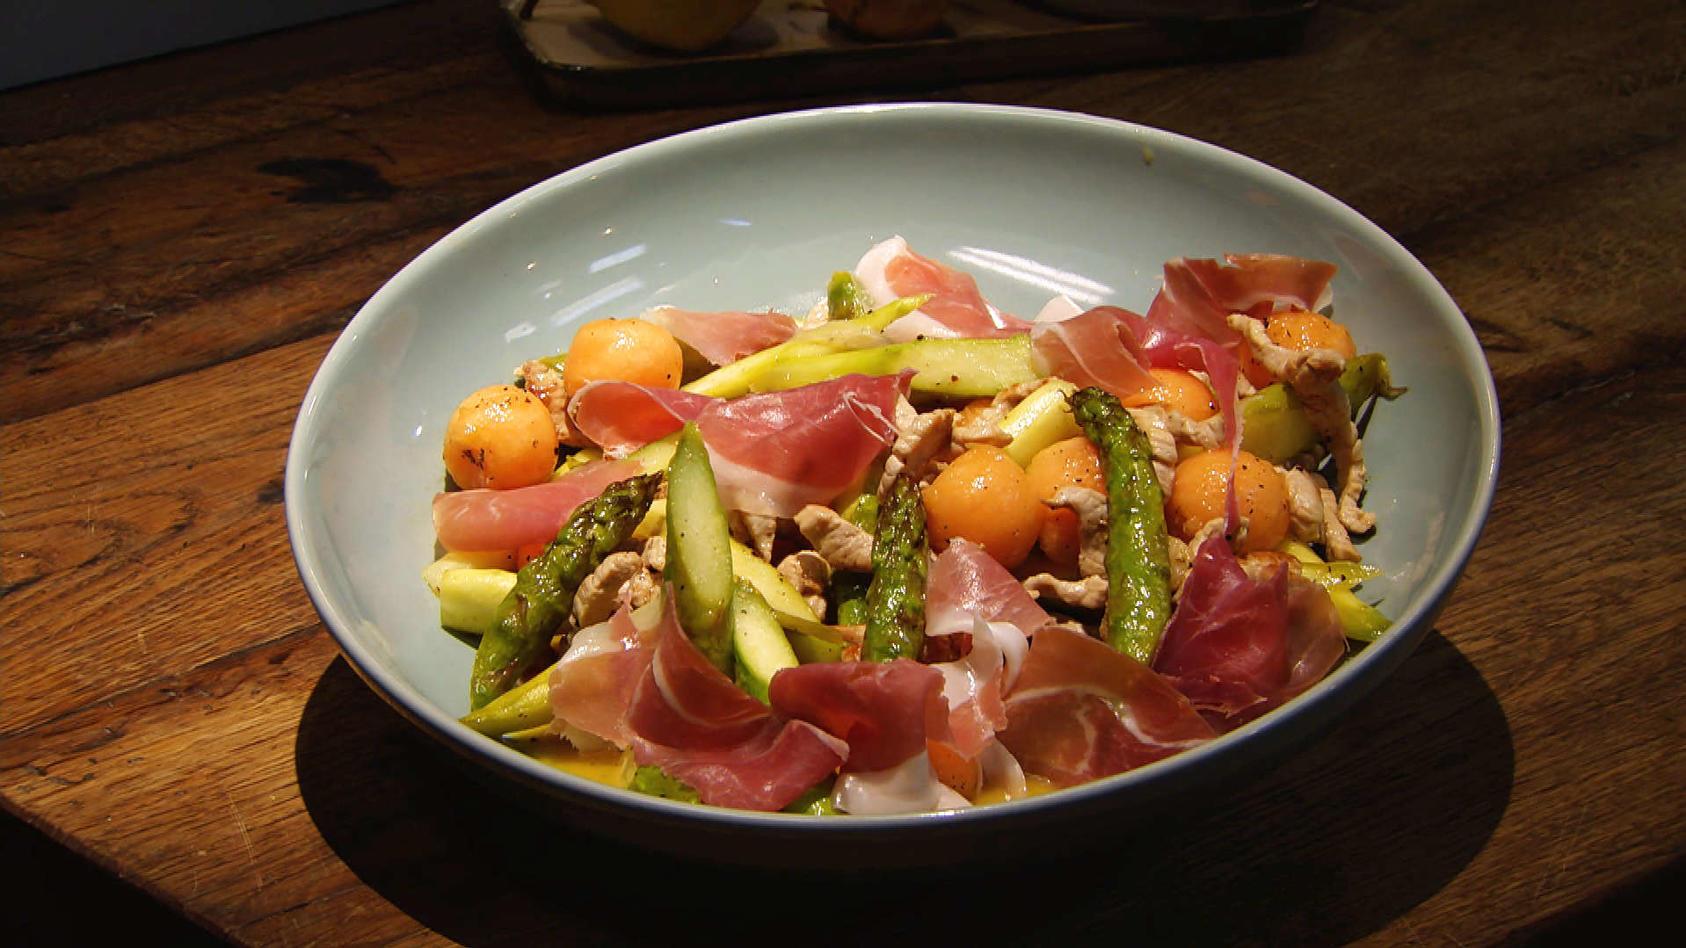 Lust auf Geschnetzeltes? Leckeres aus der Pfanne: Spargel-Melonen-Salat mit Schweinegeschnetzeltem